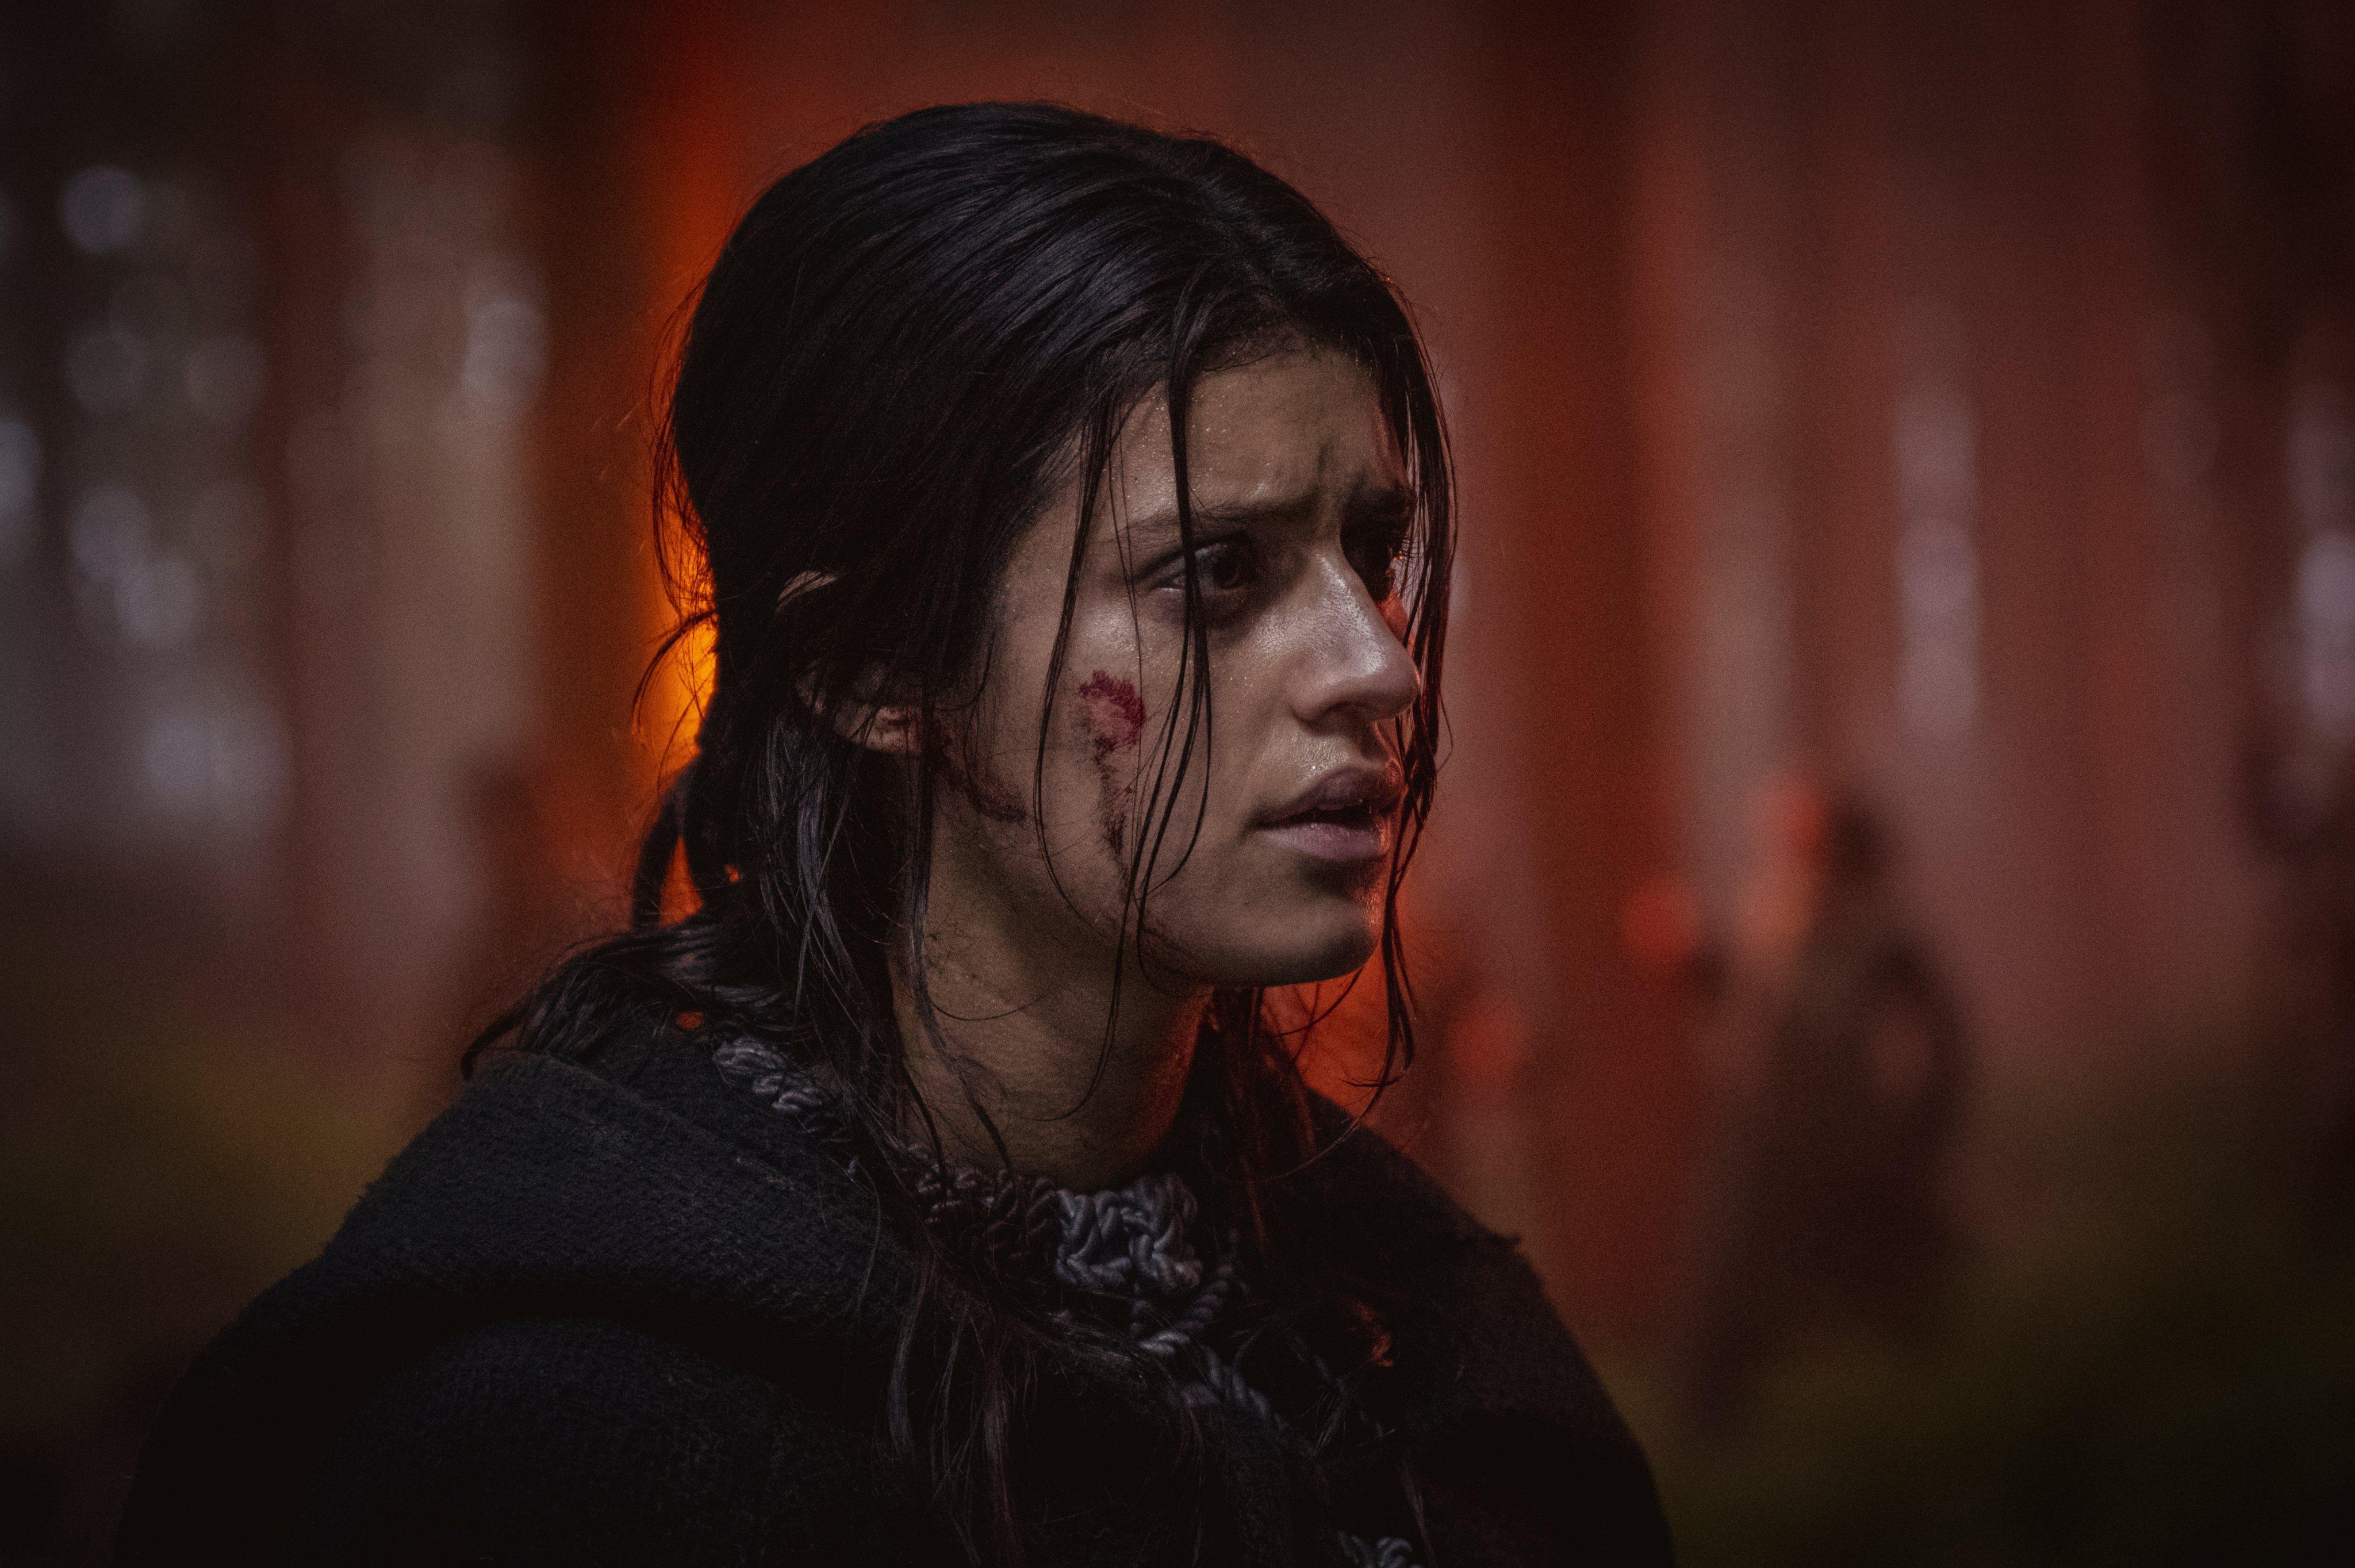 網飛《巫師》第二季新劇照放出 葉奈法慘遭束縛